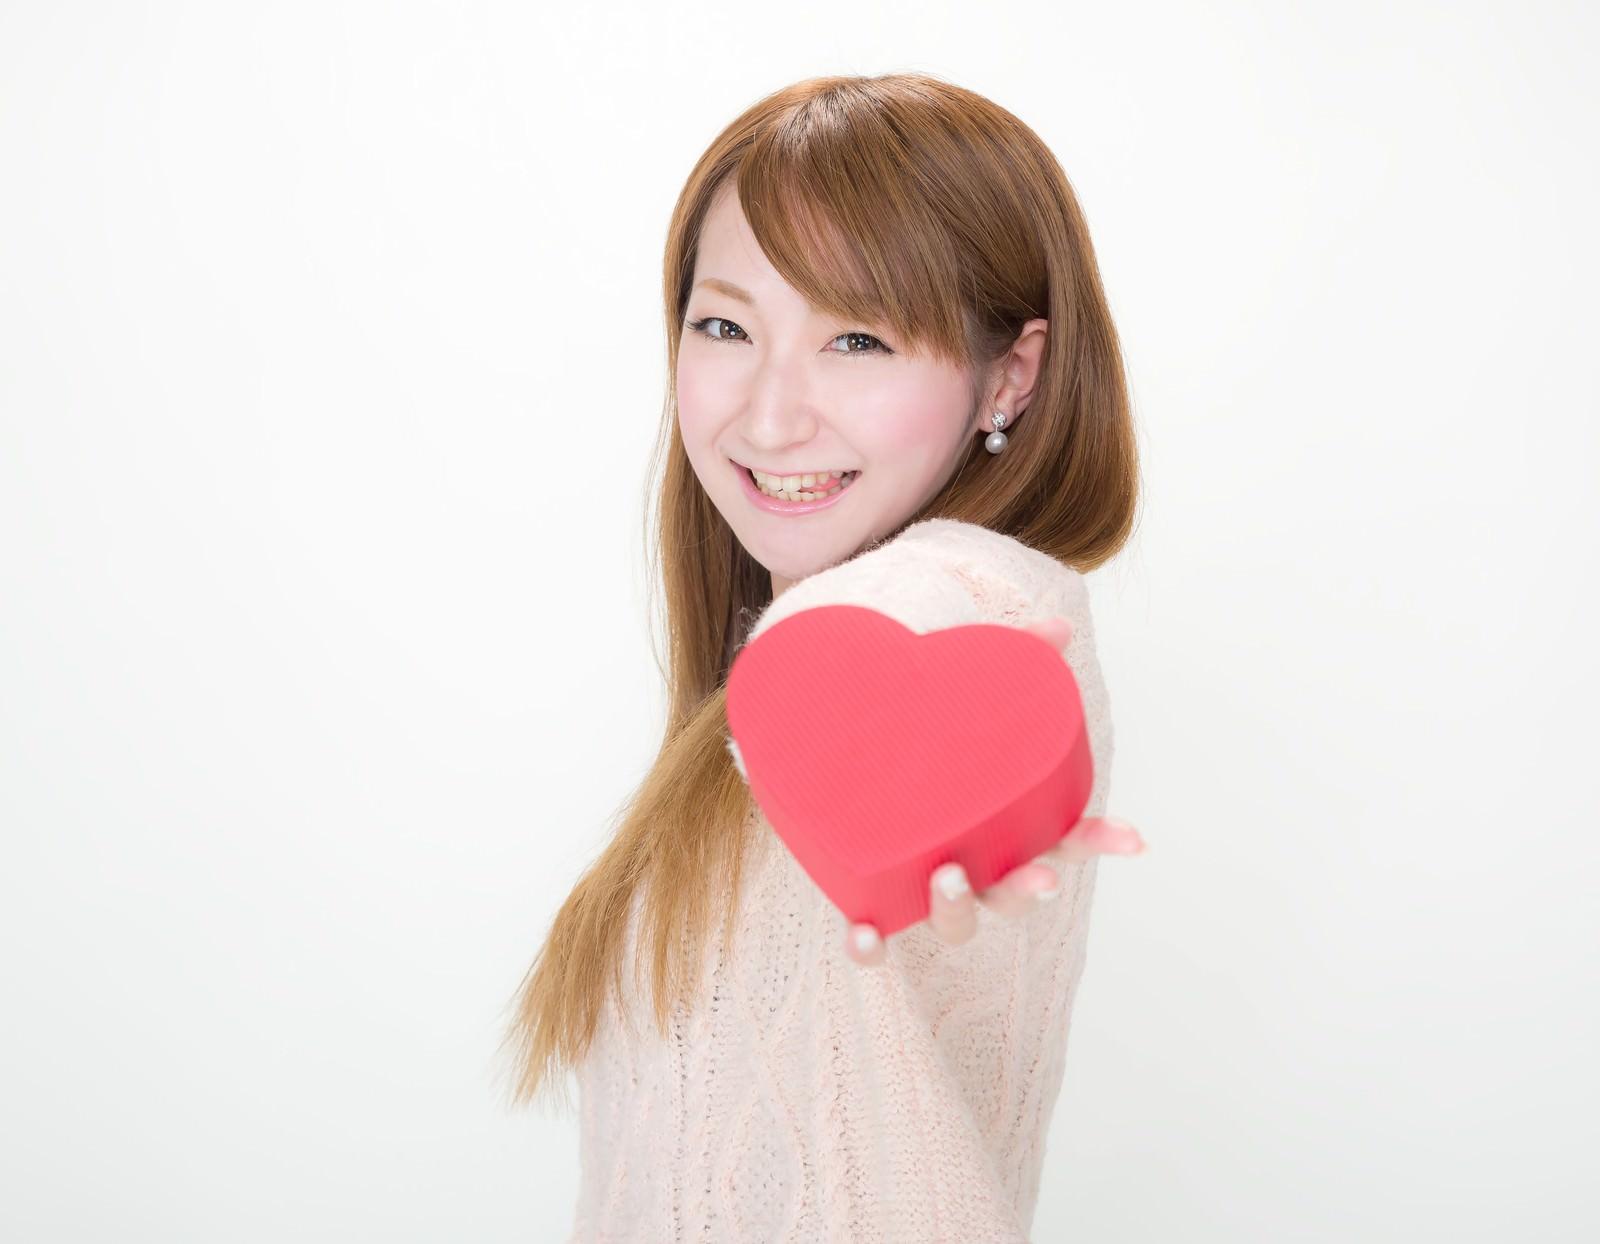 「「はい!君にもあげちゃうぞっ(テヘッ」っとバレンタインデーにチョコを渡す女の子」の写真[モデル:to-ko]